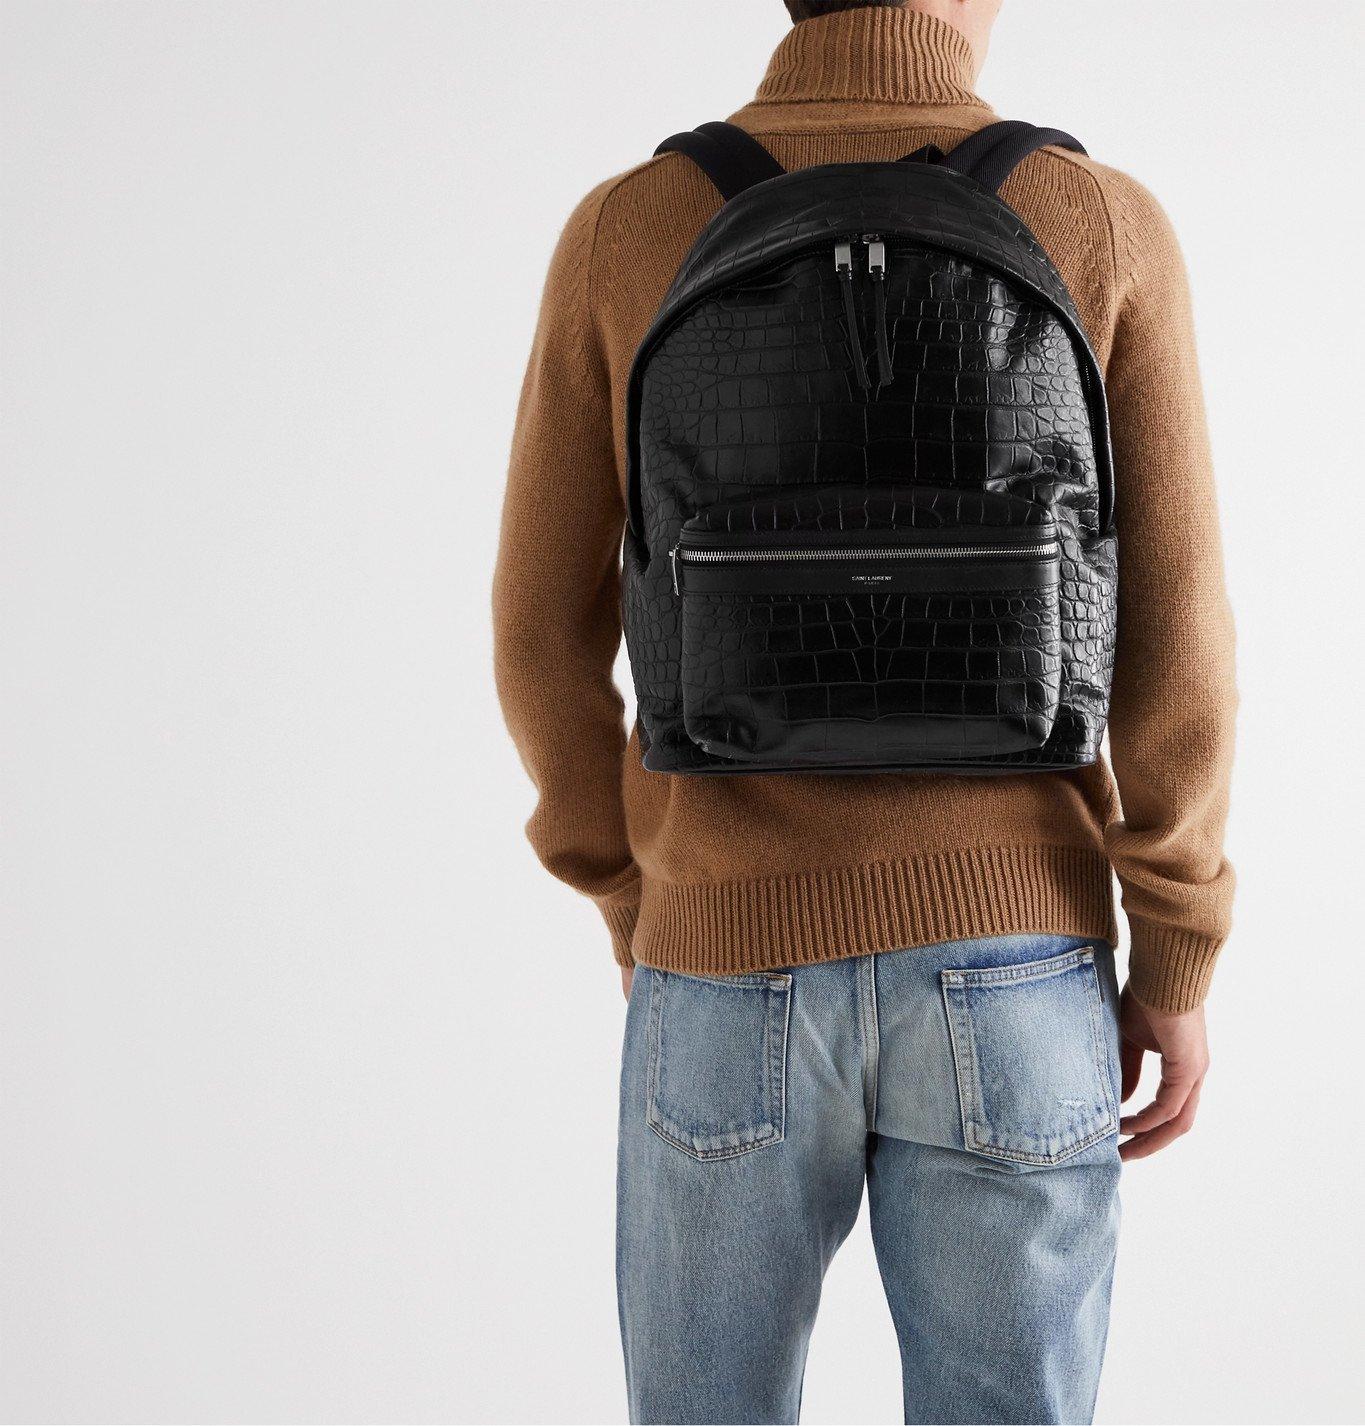 SAINT LAURENT - City Croc-Effect Leather Backpack - Black